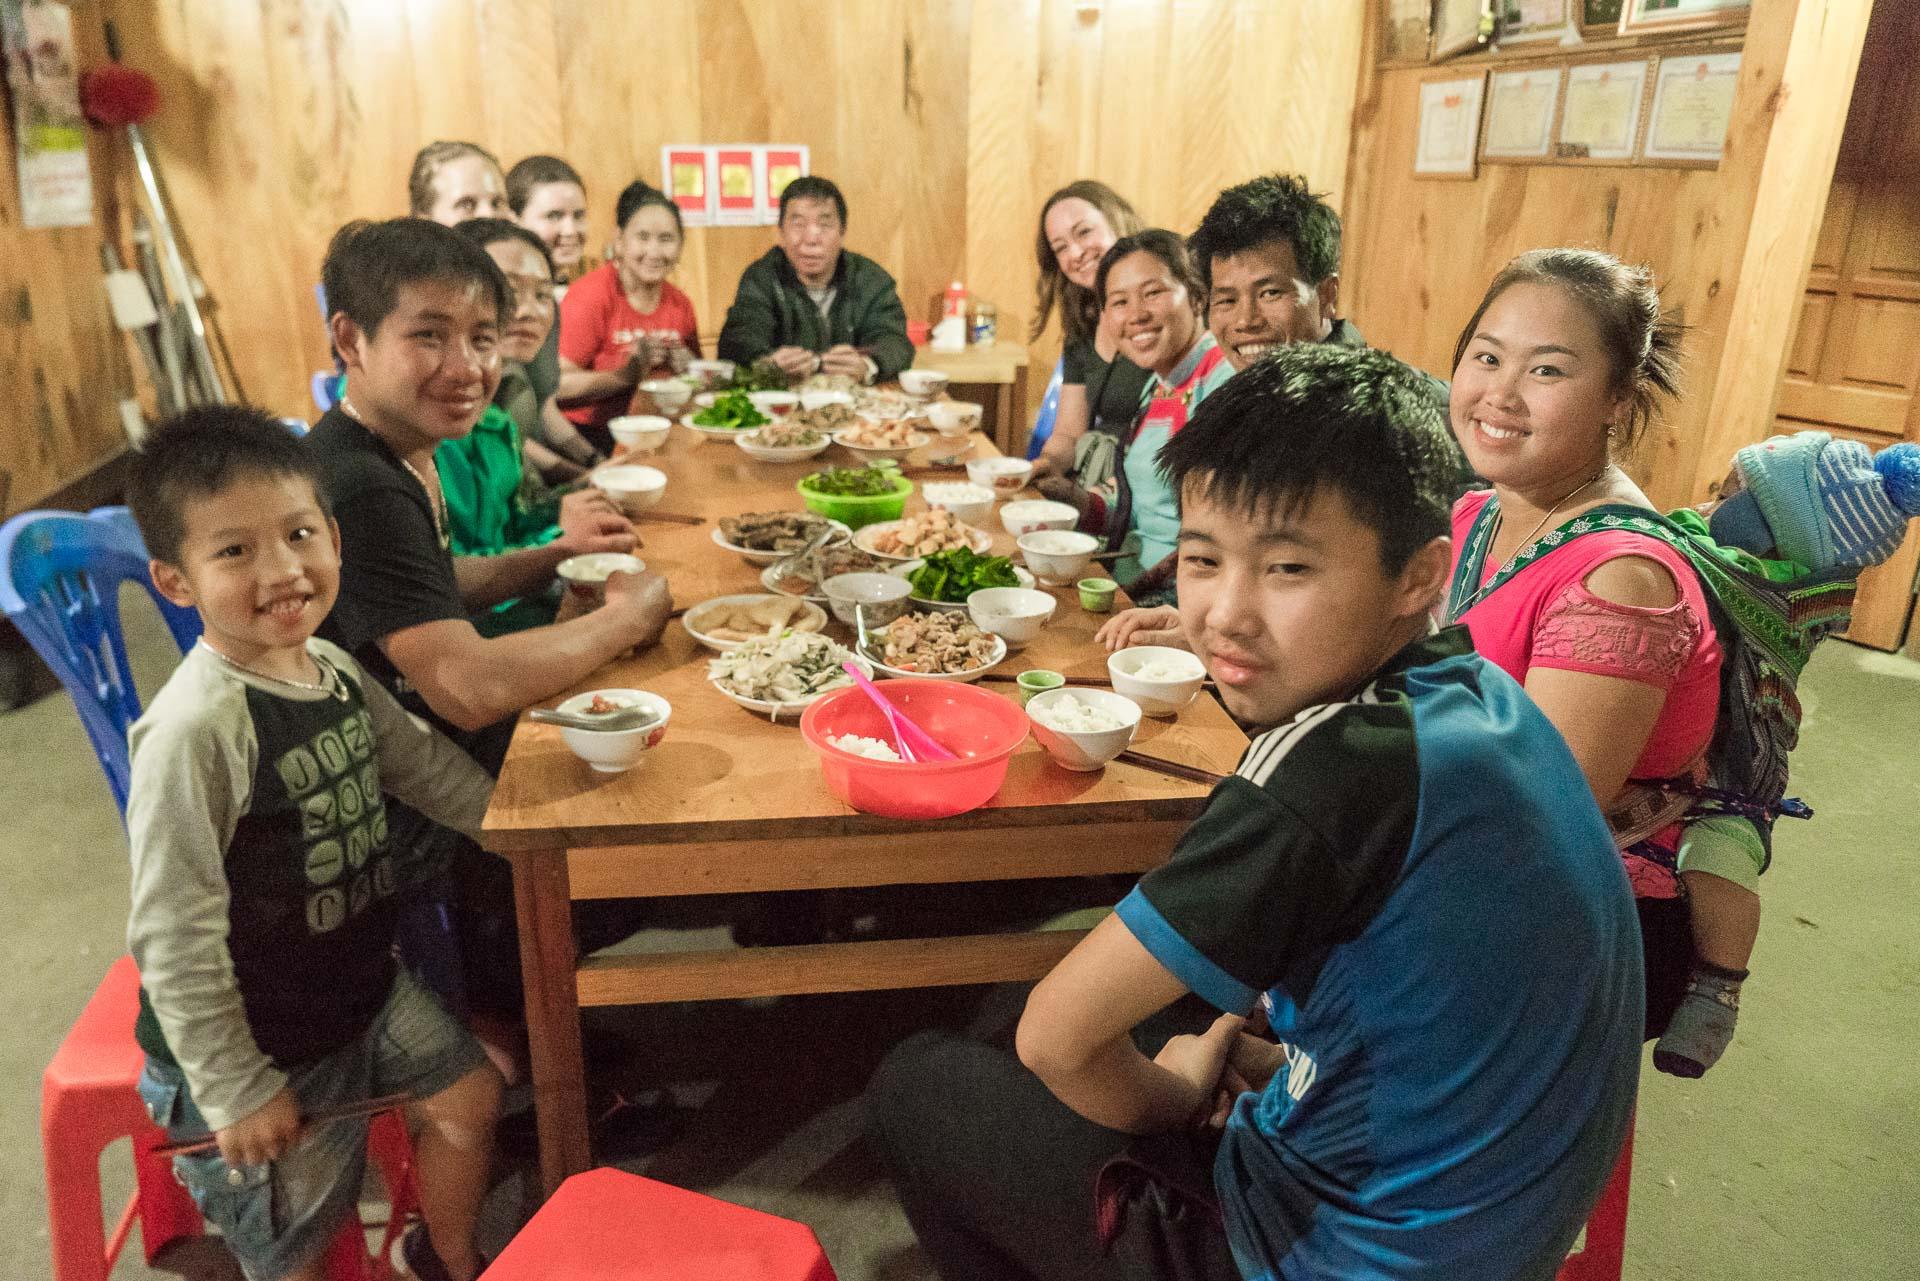 lesvoyageuses-trek-sapa-minorites-ethniques-itineraire-vietnam-18